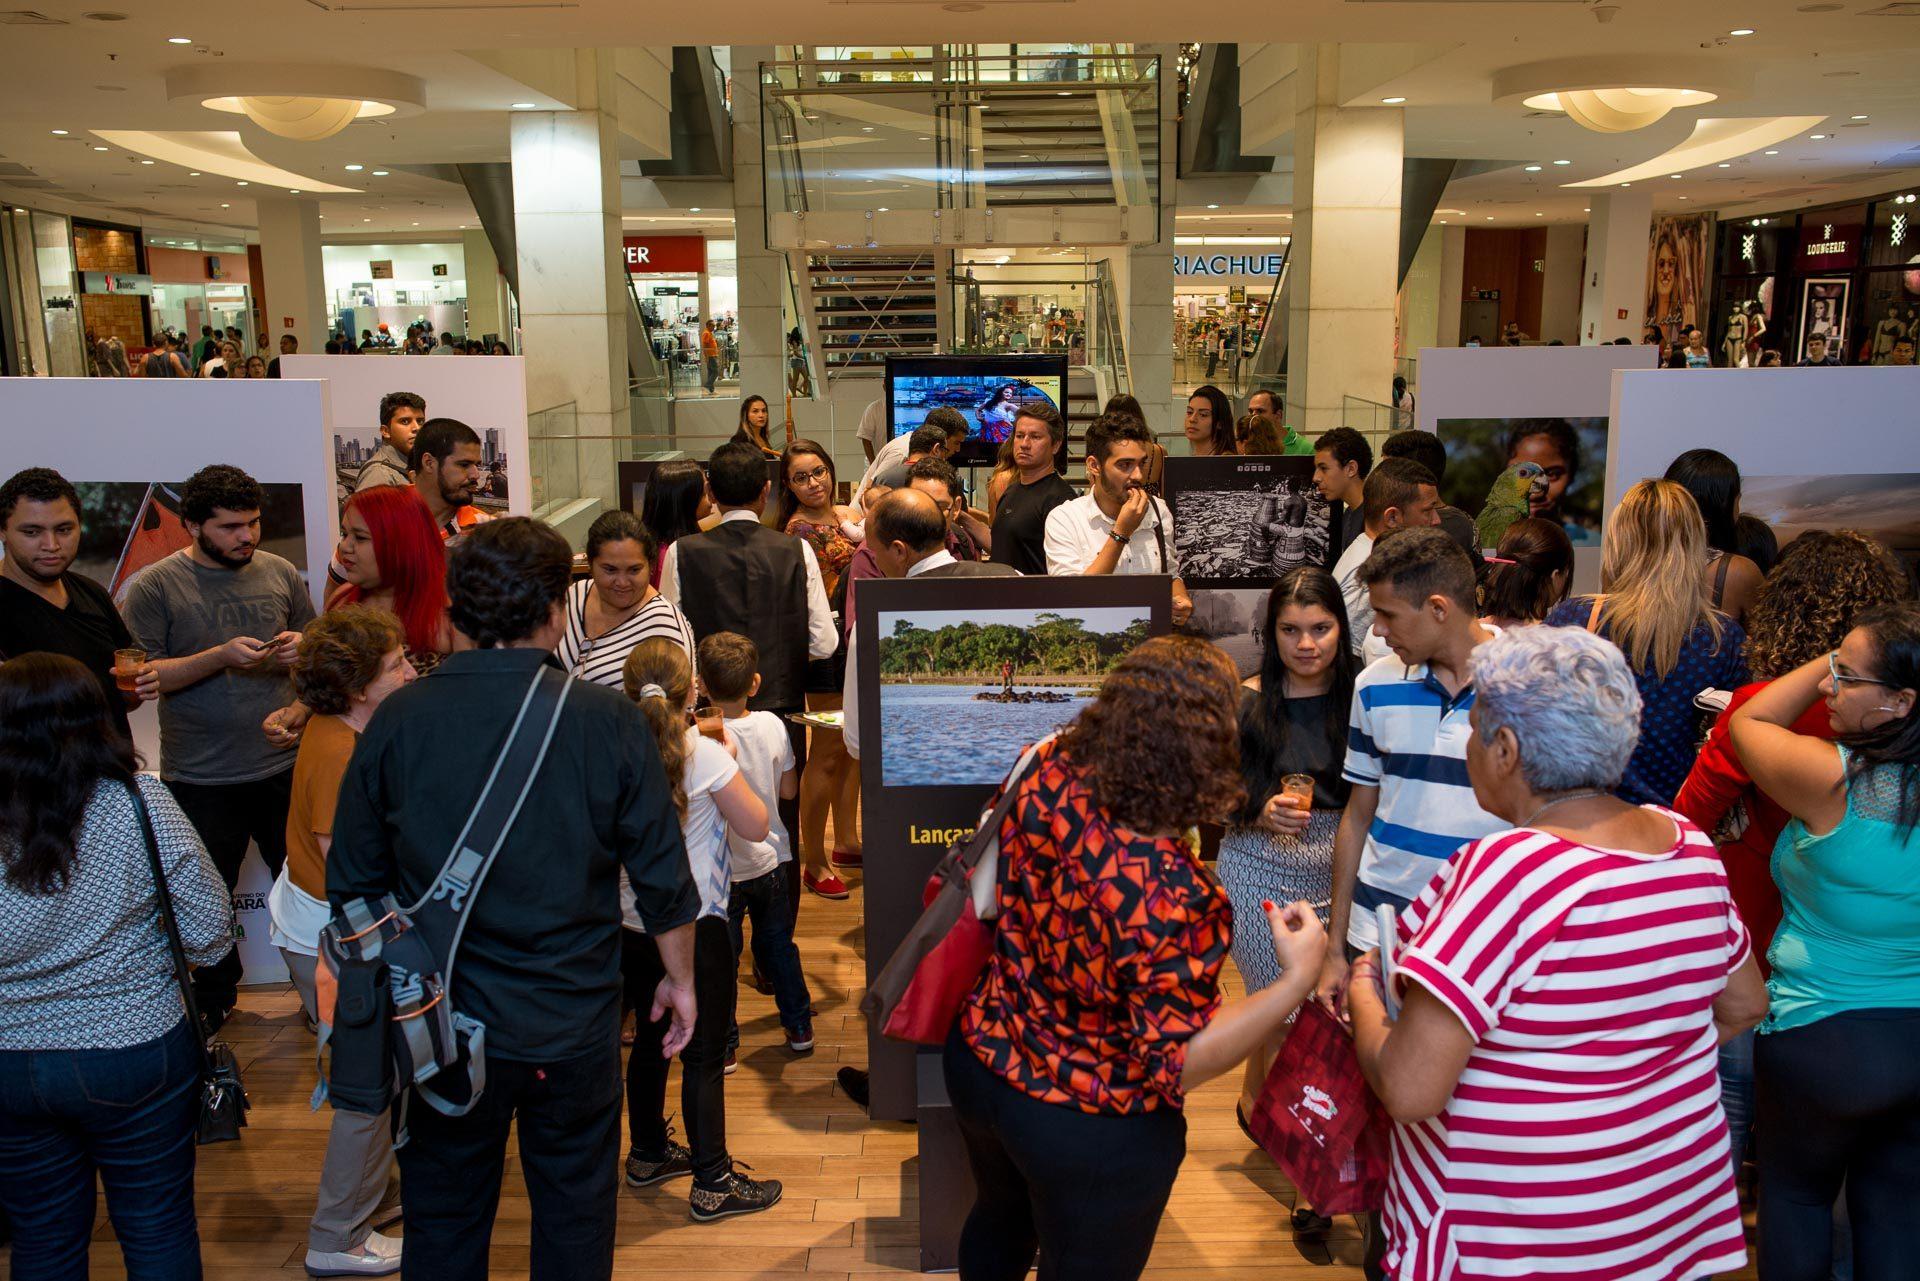 Lançamento do Expedição Pará no Shopping Boulevard - Belém